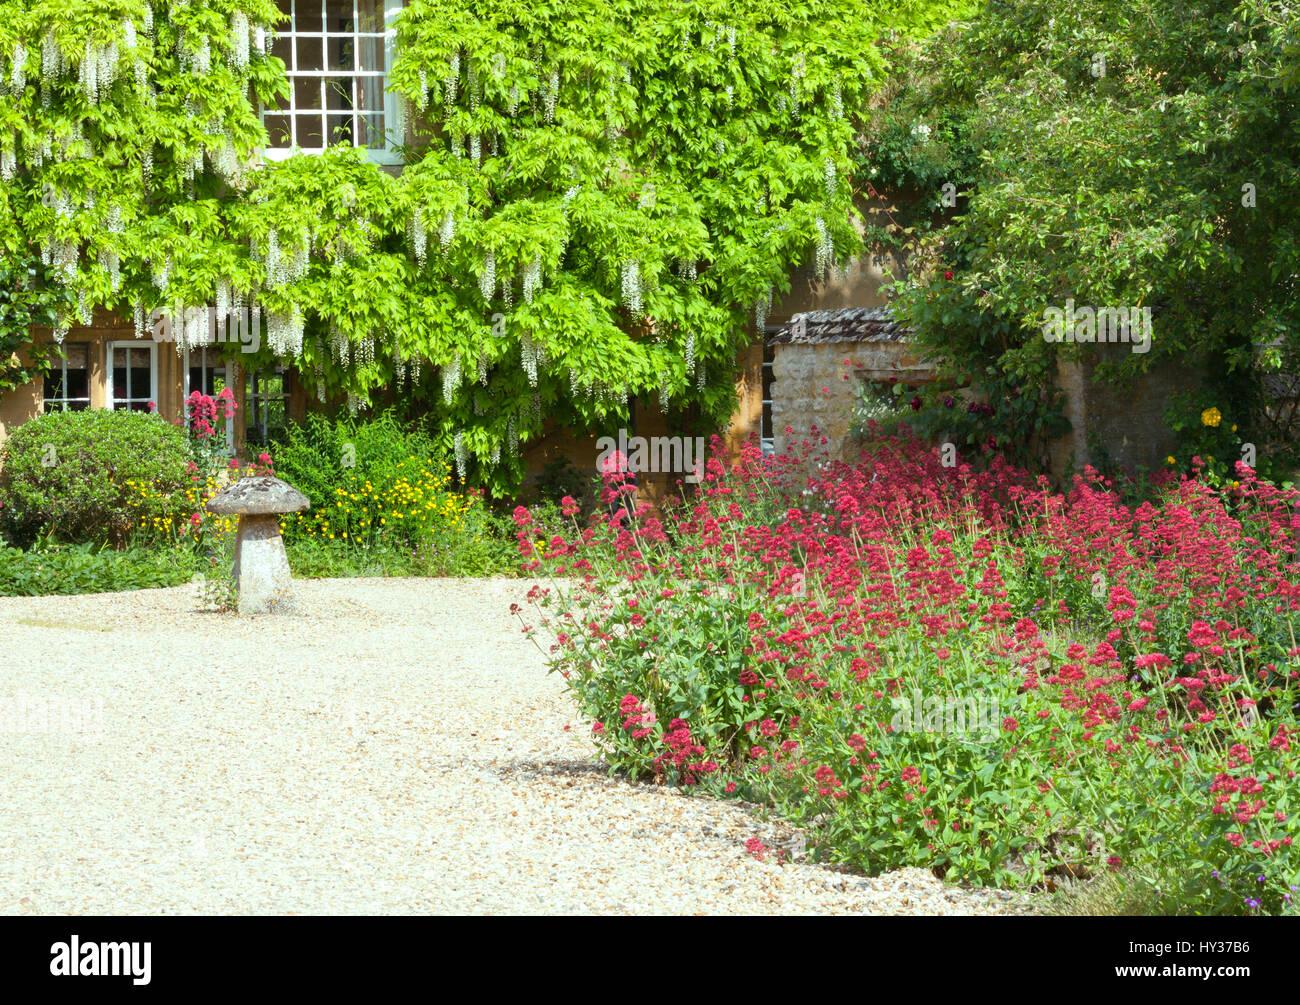 Bauerngarten Anlegen Welche Pflanzen: Uncategorized Beautiful